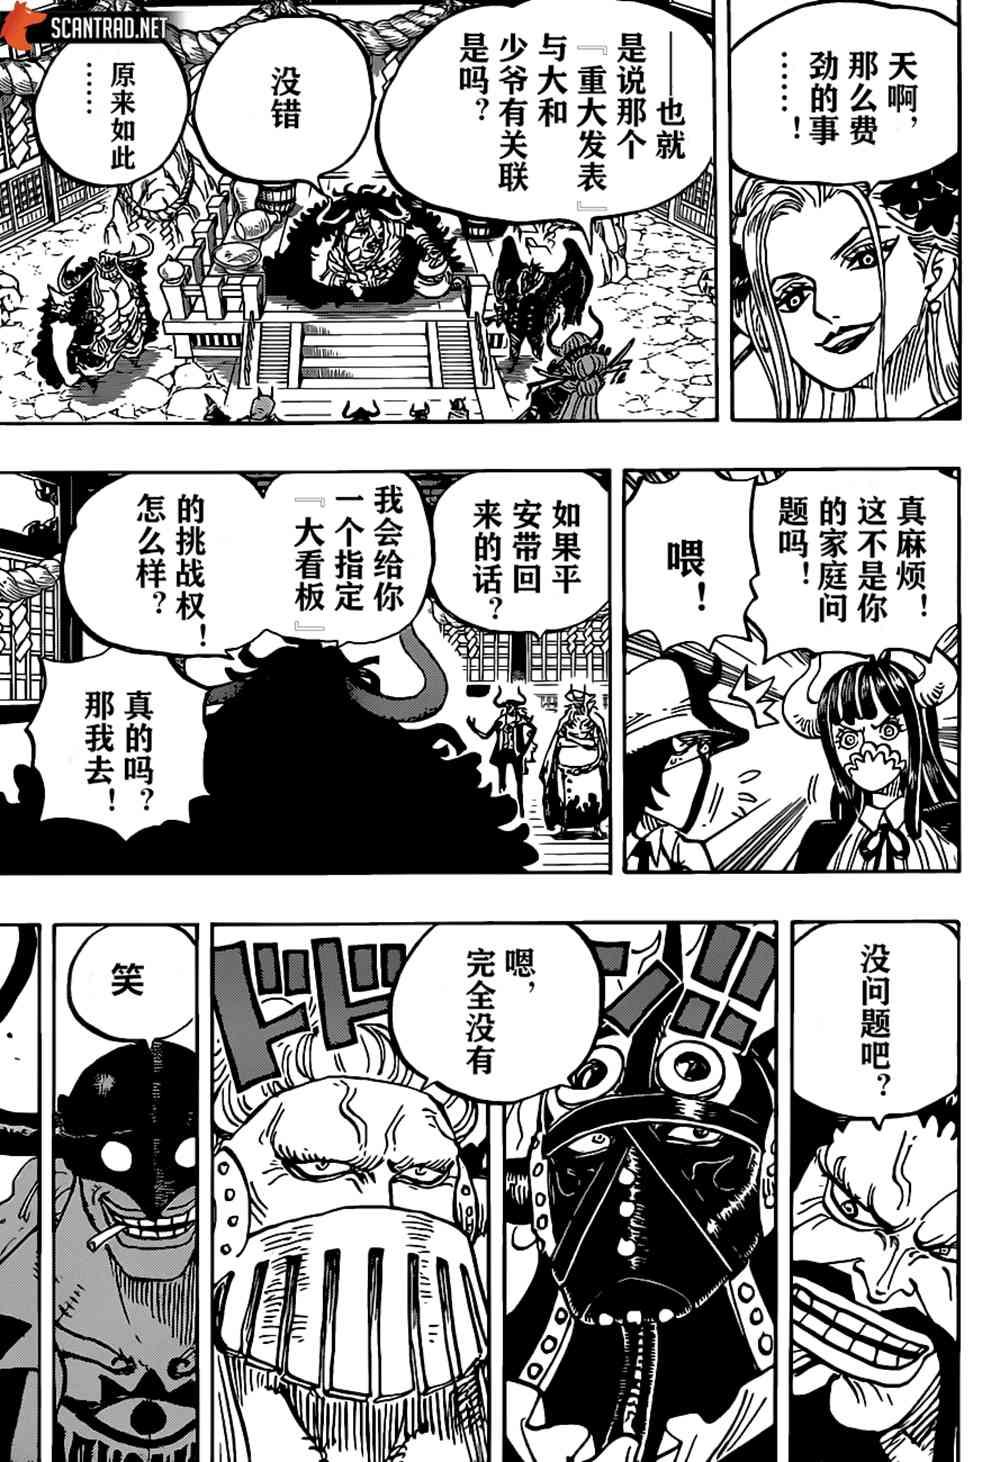 海賊王: 979话 家族问题 - 第14页